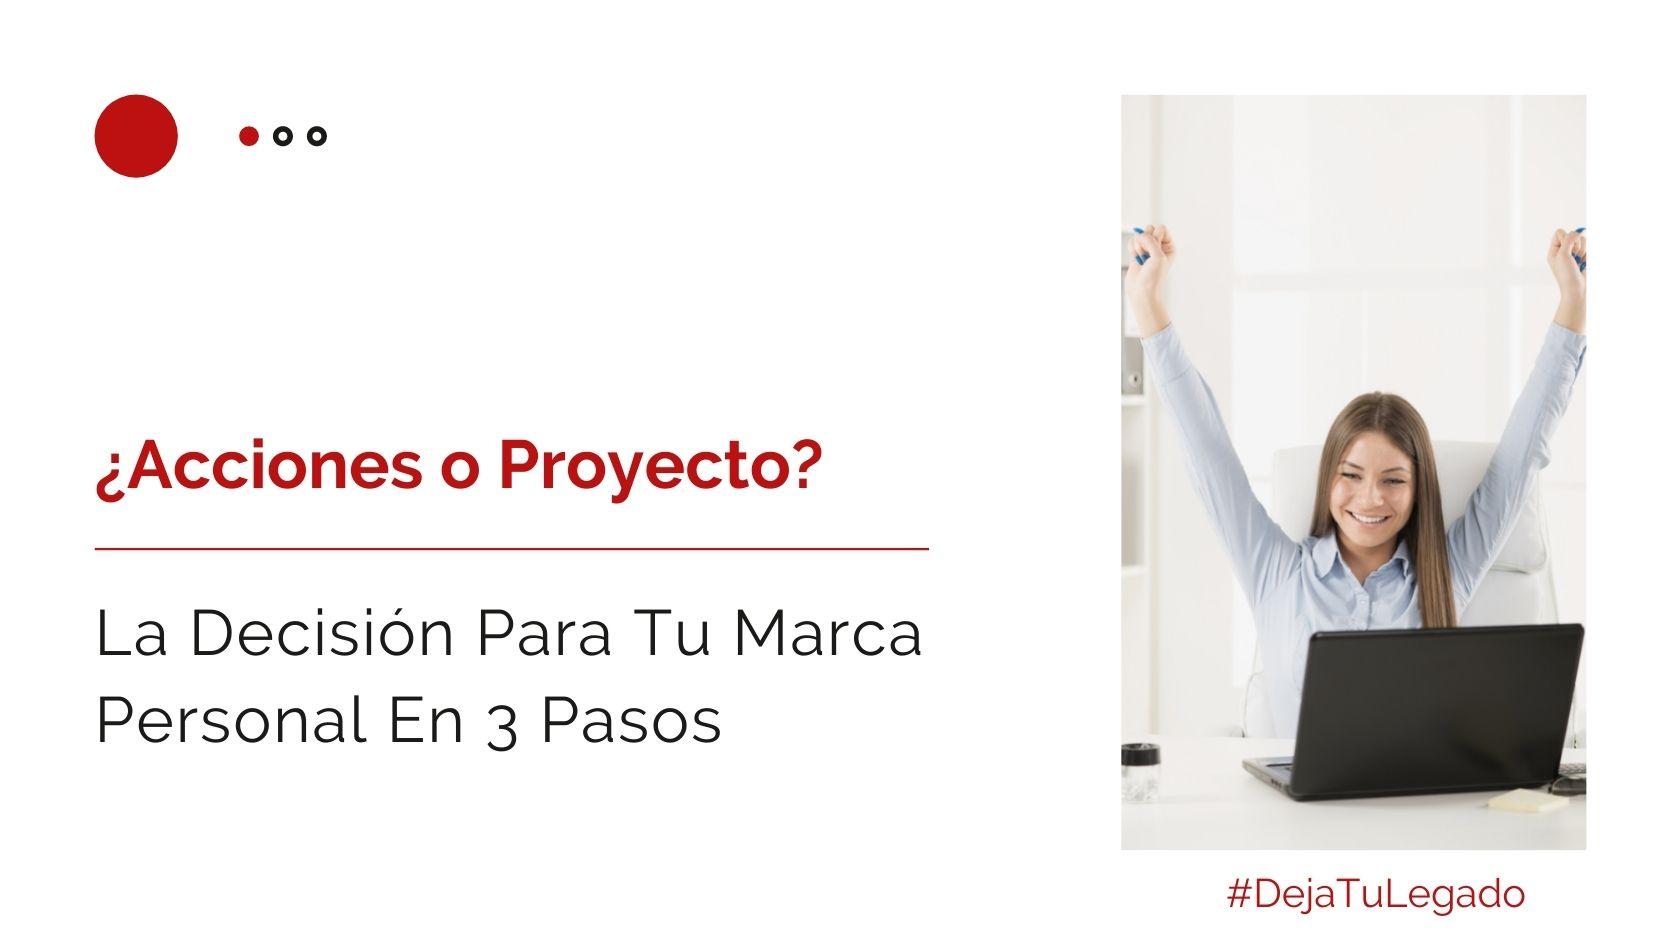 Héctor Jimenez - Acciones o Proyecto - La Decisión Para Tu Marca Personal En 3 Pasos - 1